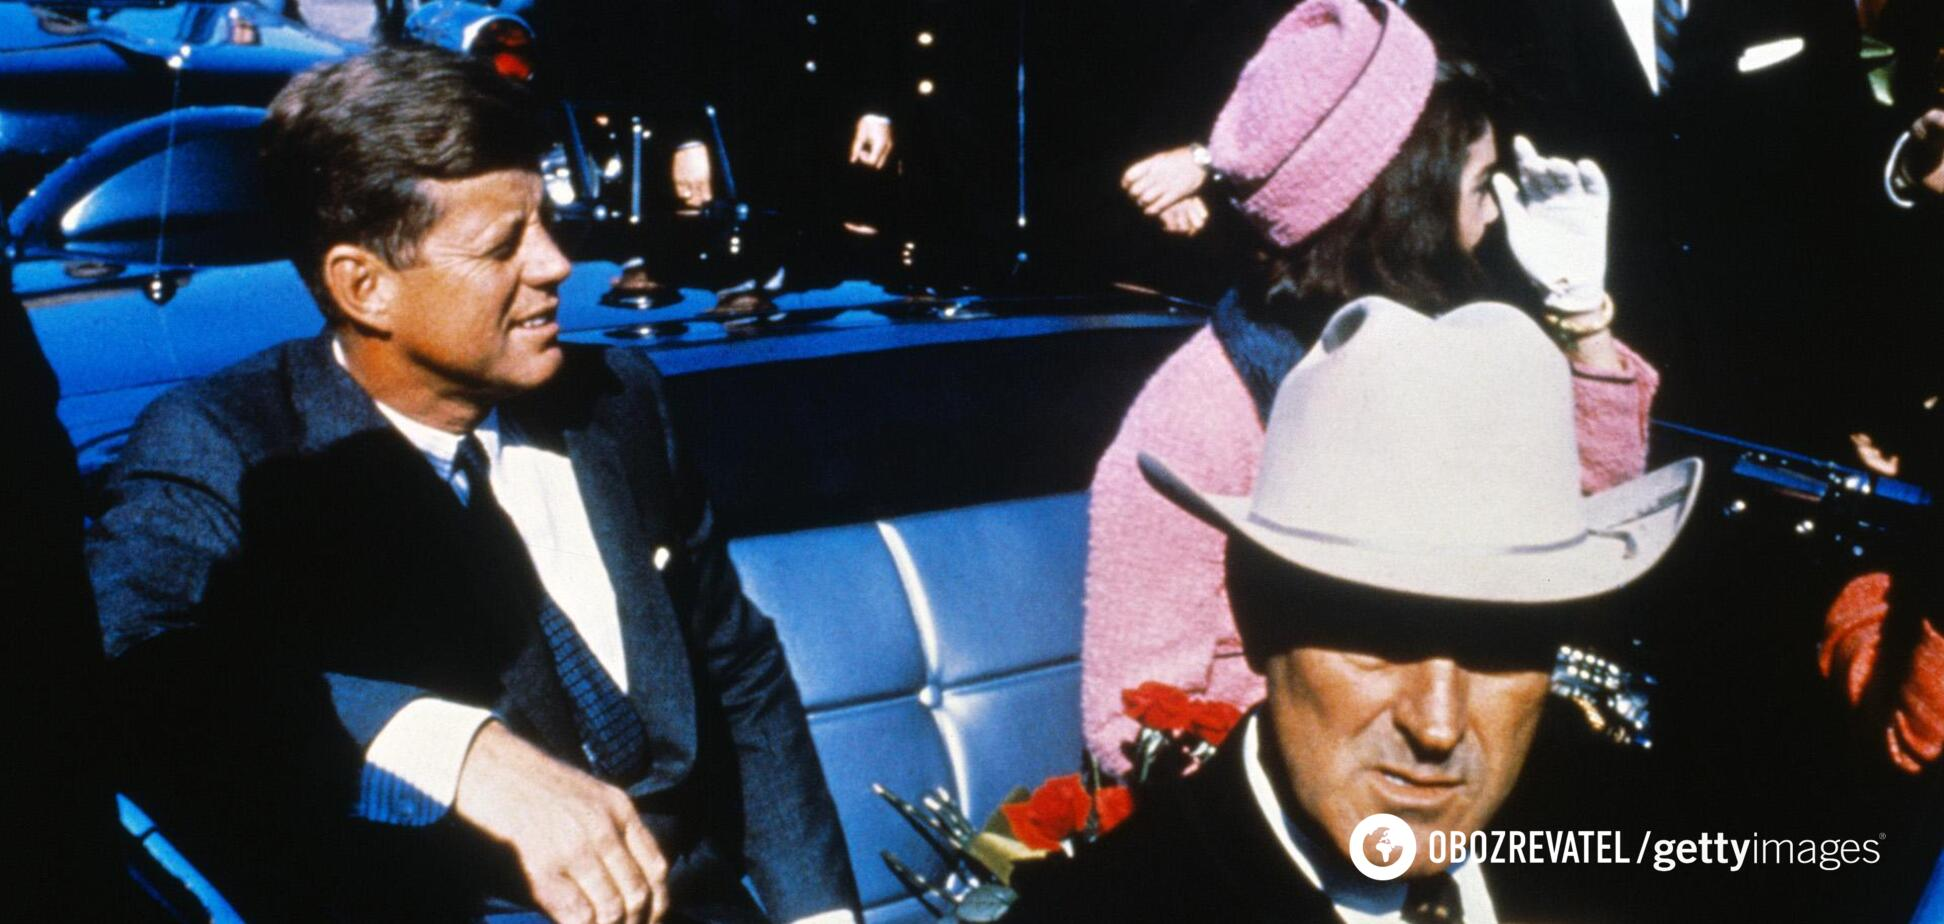 Кеннеди был 35-м президентом США